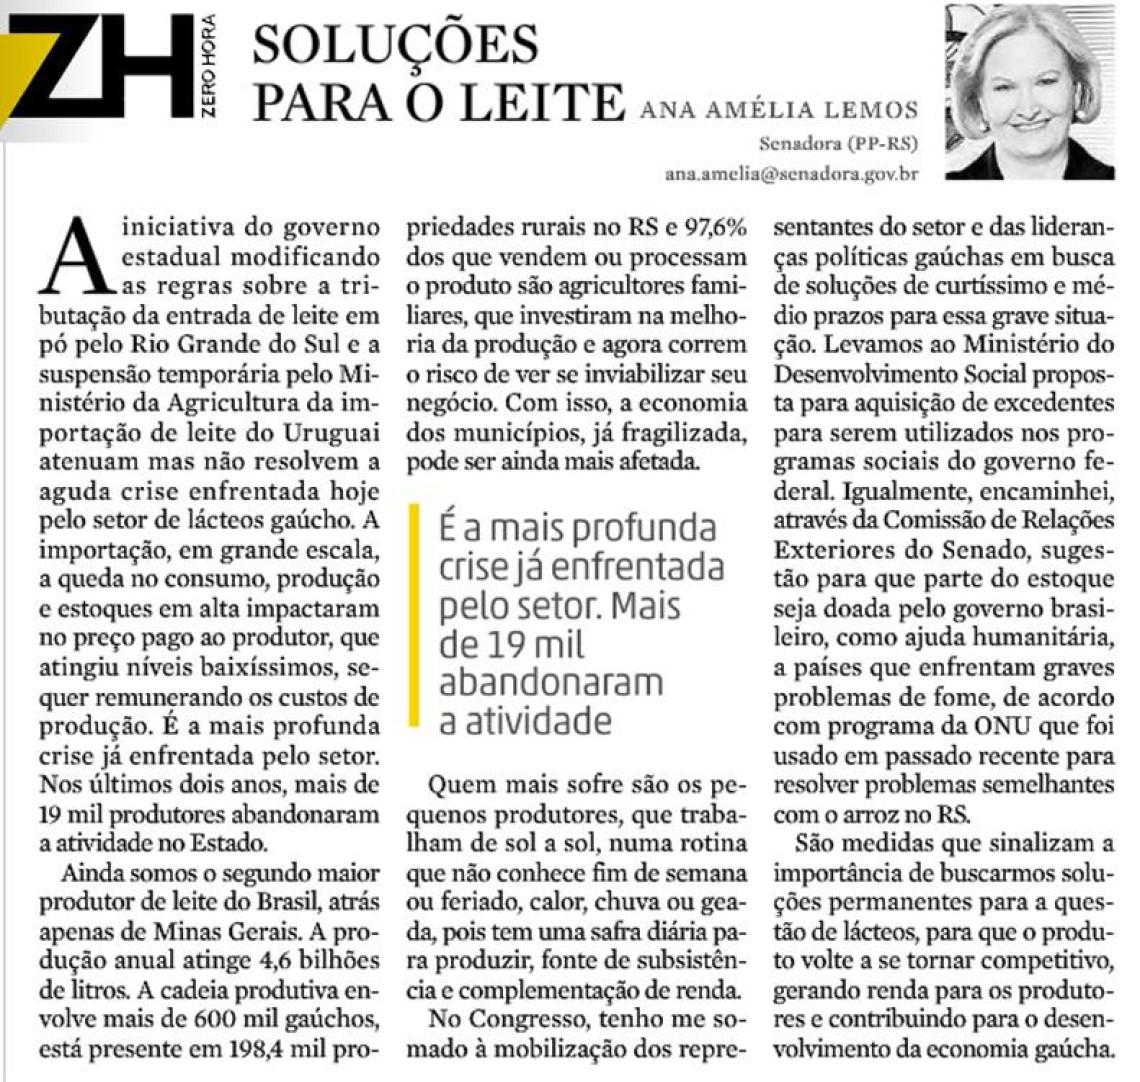 Em artigo no jornal Zero Hora, Ana Amélia aponta soluções para a crise do setor de lácteos gaúcho